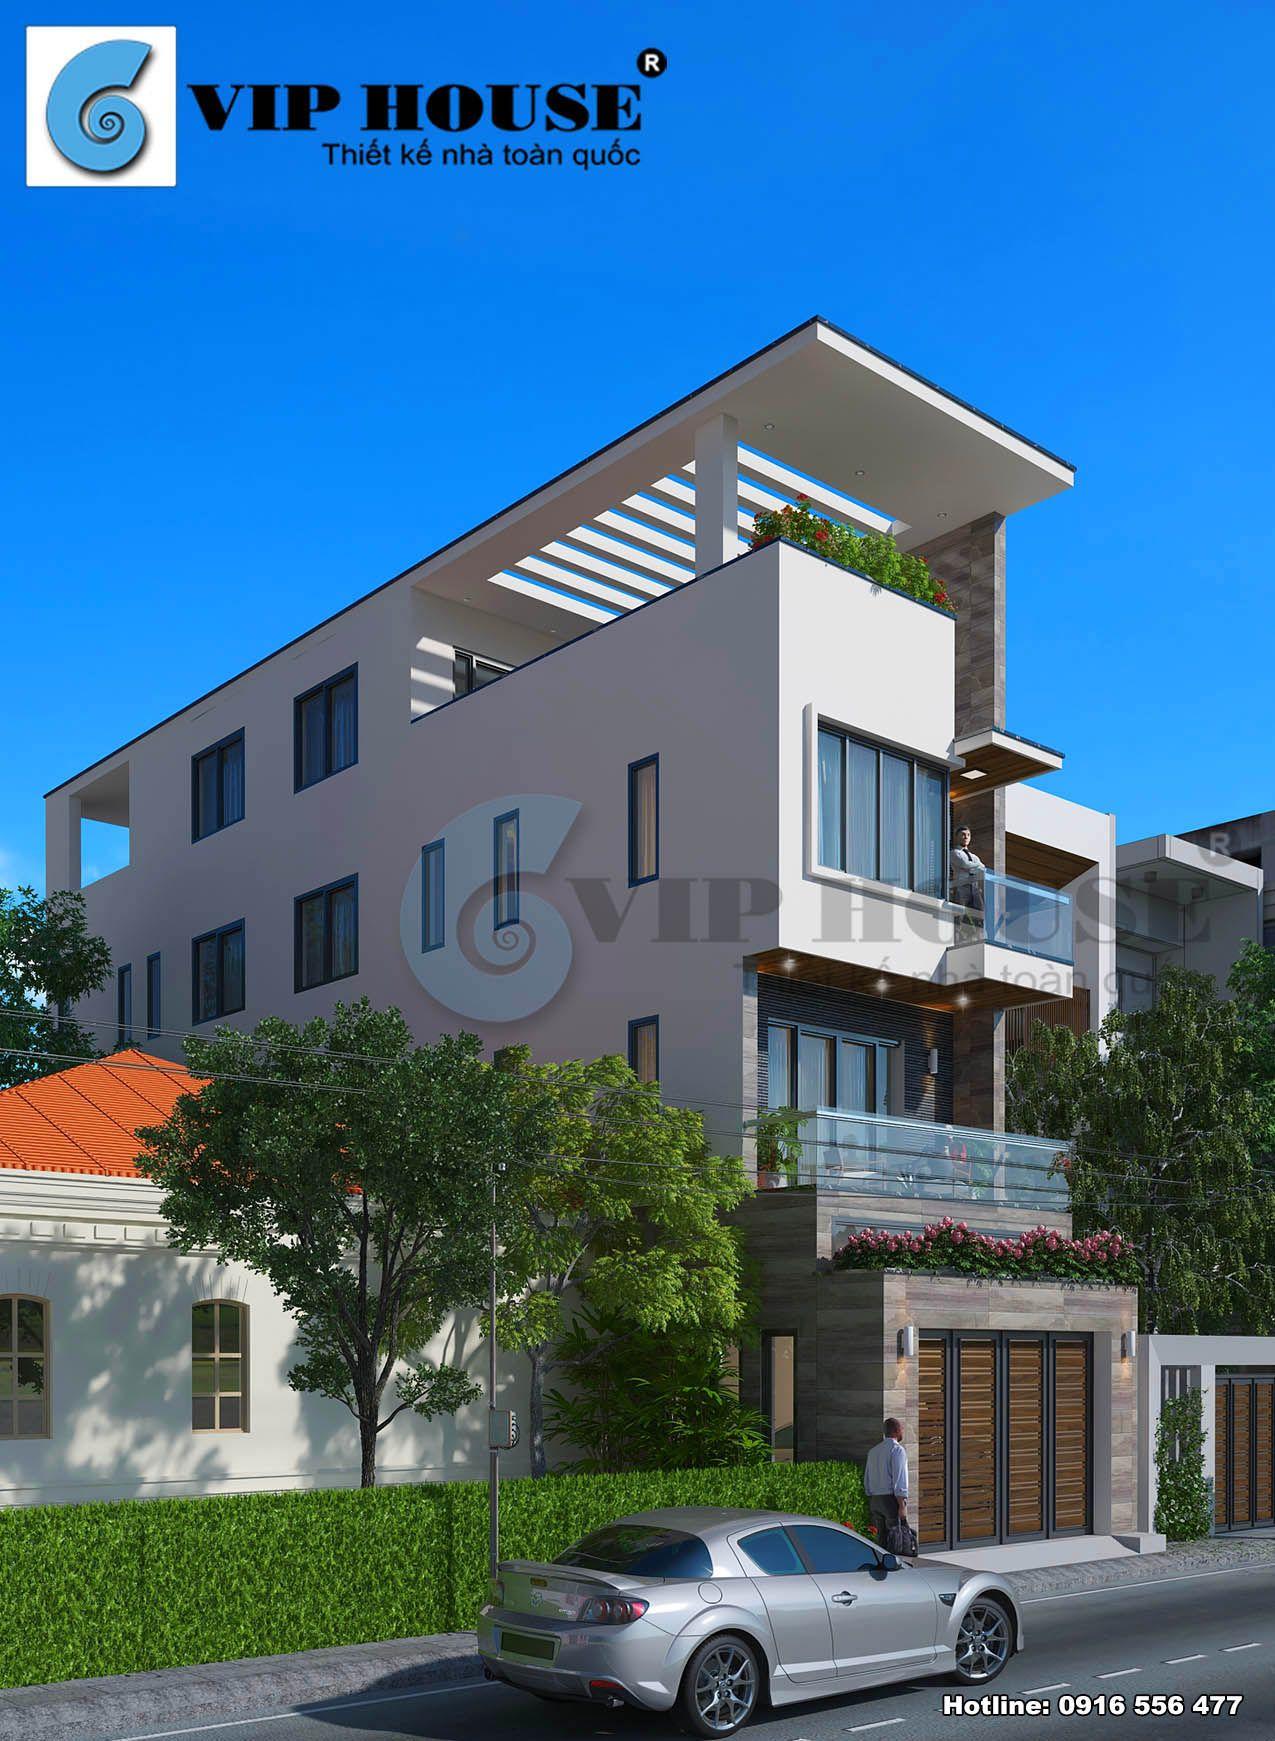 Kiến trúc nhà phố sở hữu hình khối hài hòa với tỷ lệ cân đối